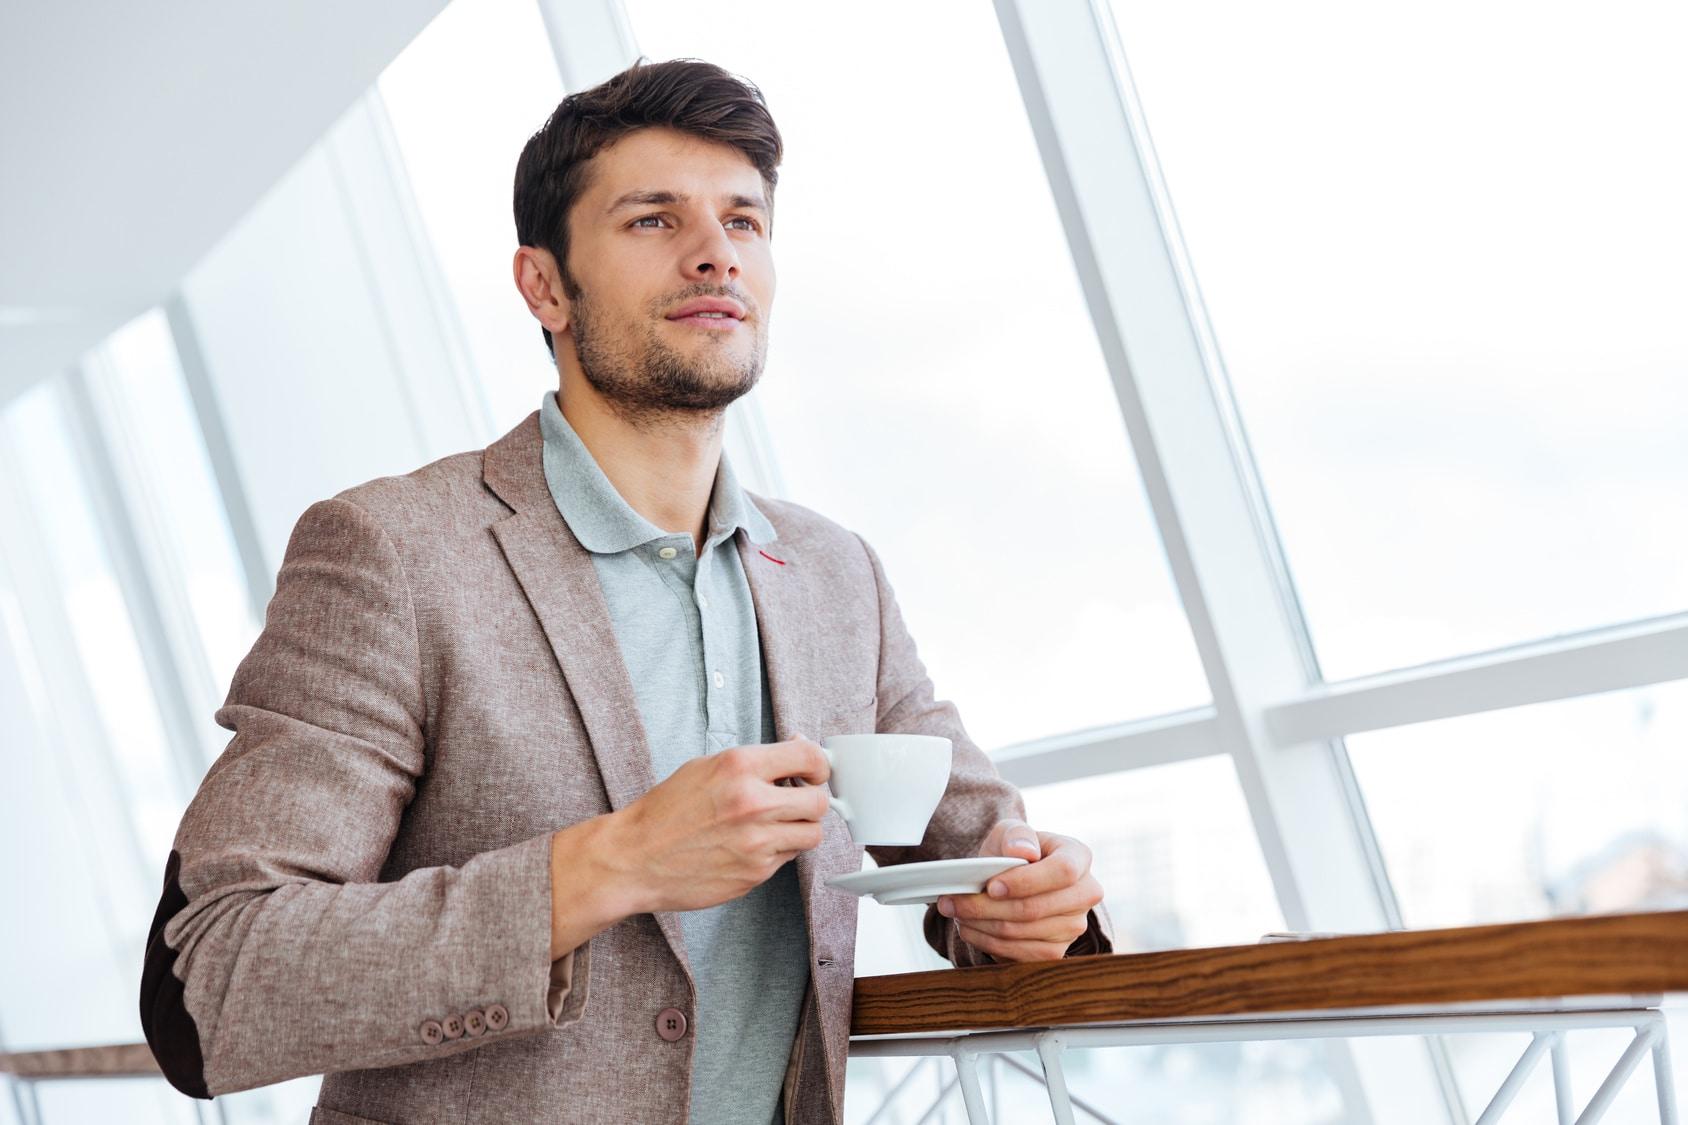 Hunger Mann steht mit einer Tasse Tee und lächelt leicht, weil er mit der Therapie gegen das Burnout Syndrom erfolgreich wieder Kraft geschöpft hat. Der Mann hat schwarze Haare und trägt eine braune Jacke.